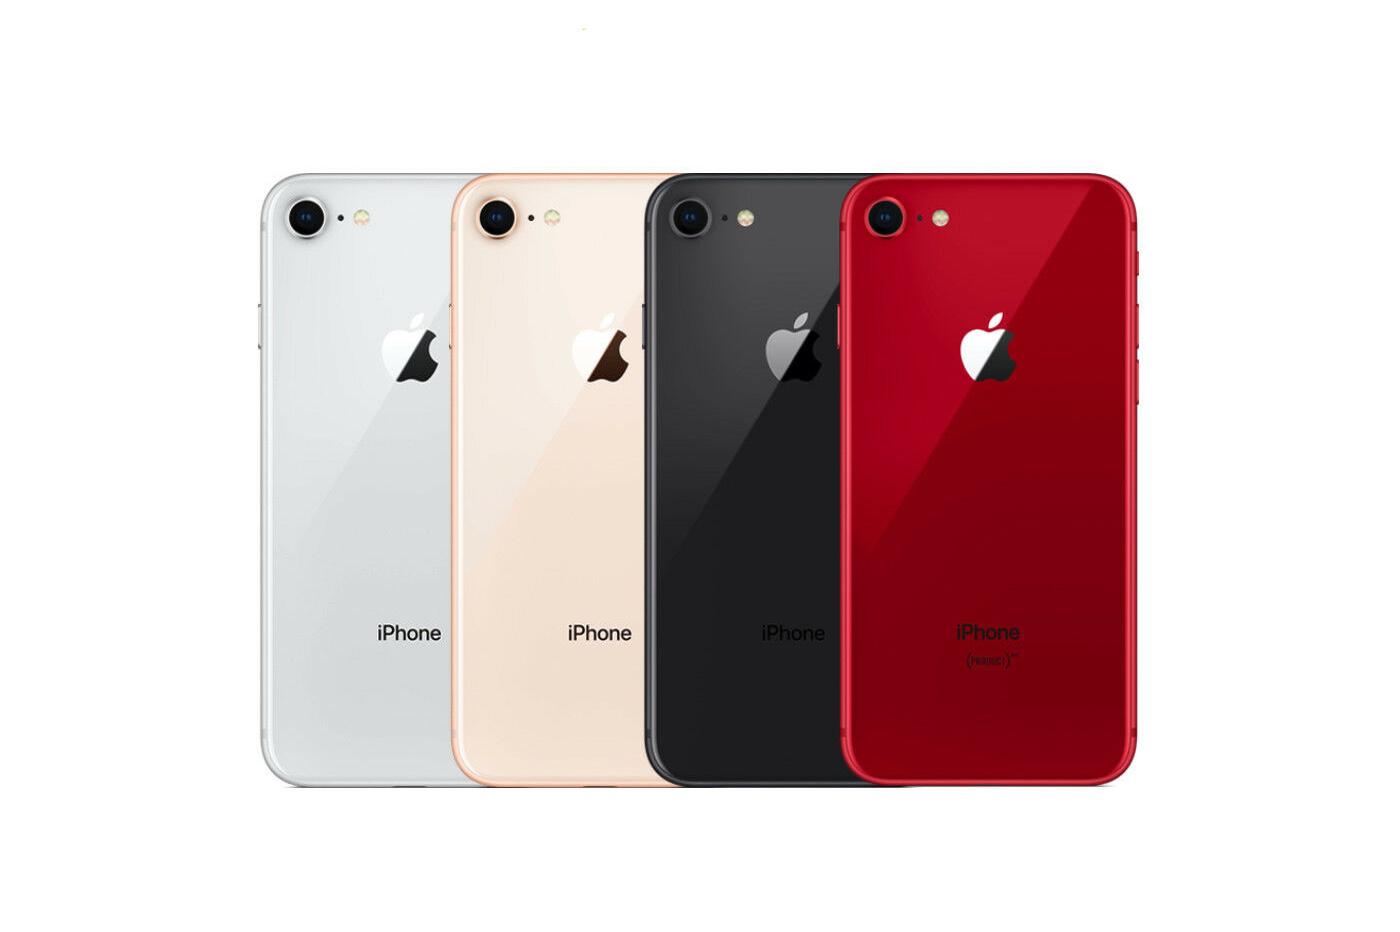 Prix réparation iPhone 8 par Alloréparation